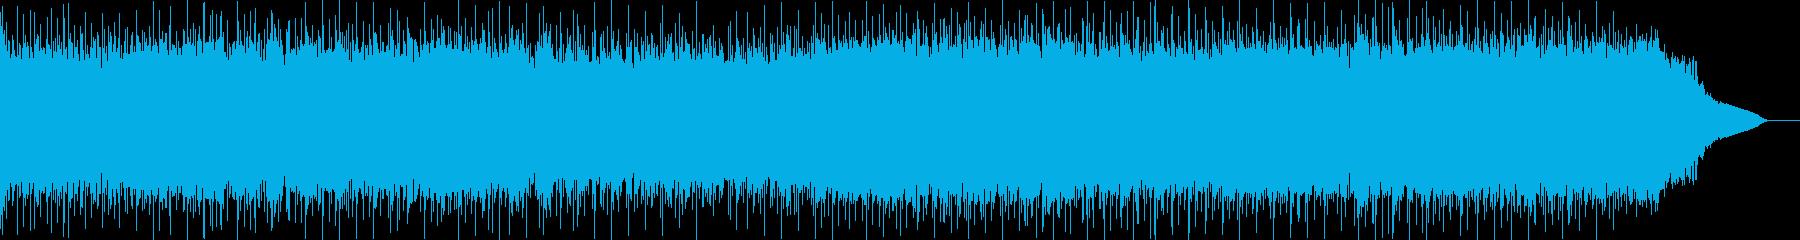 コイハナビロックバージョンニの再生済みの波形